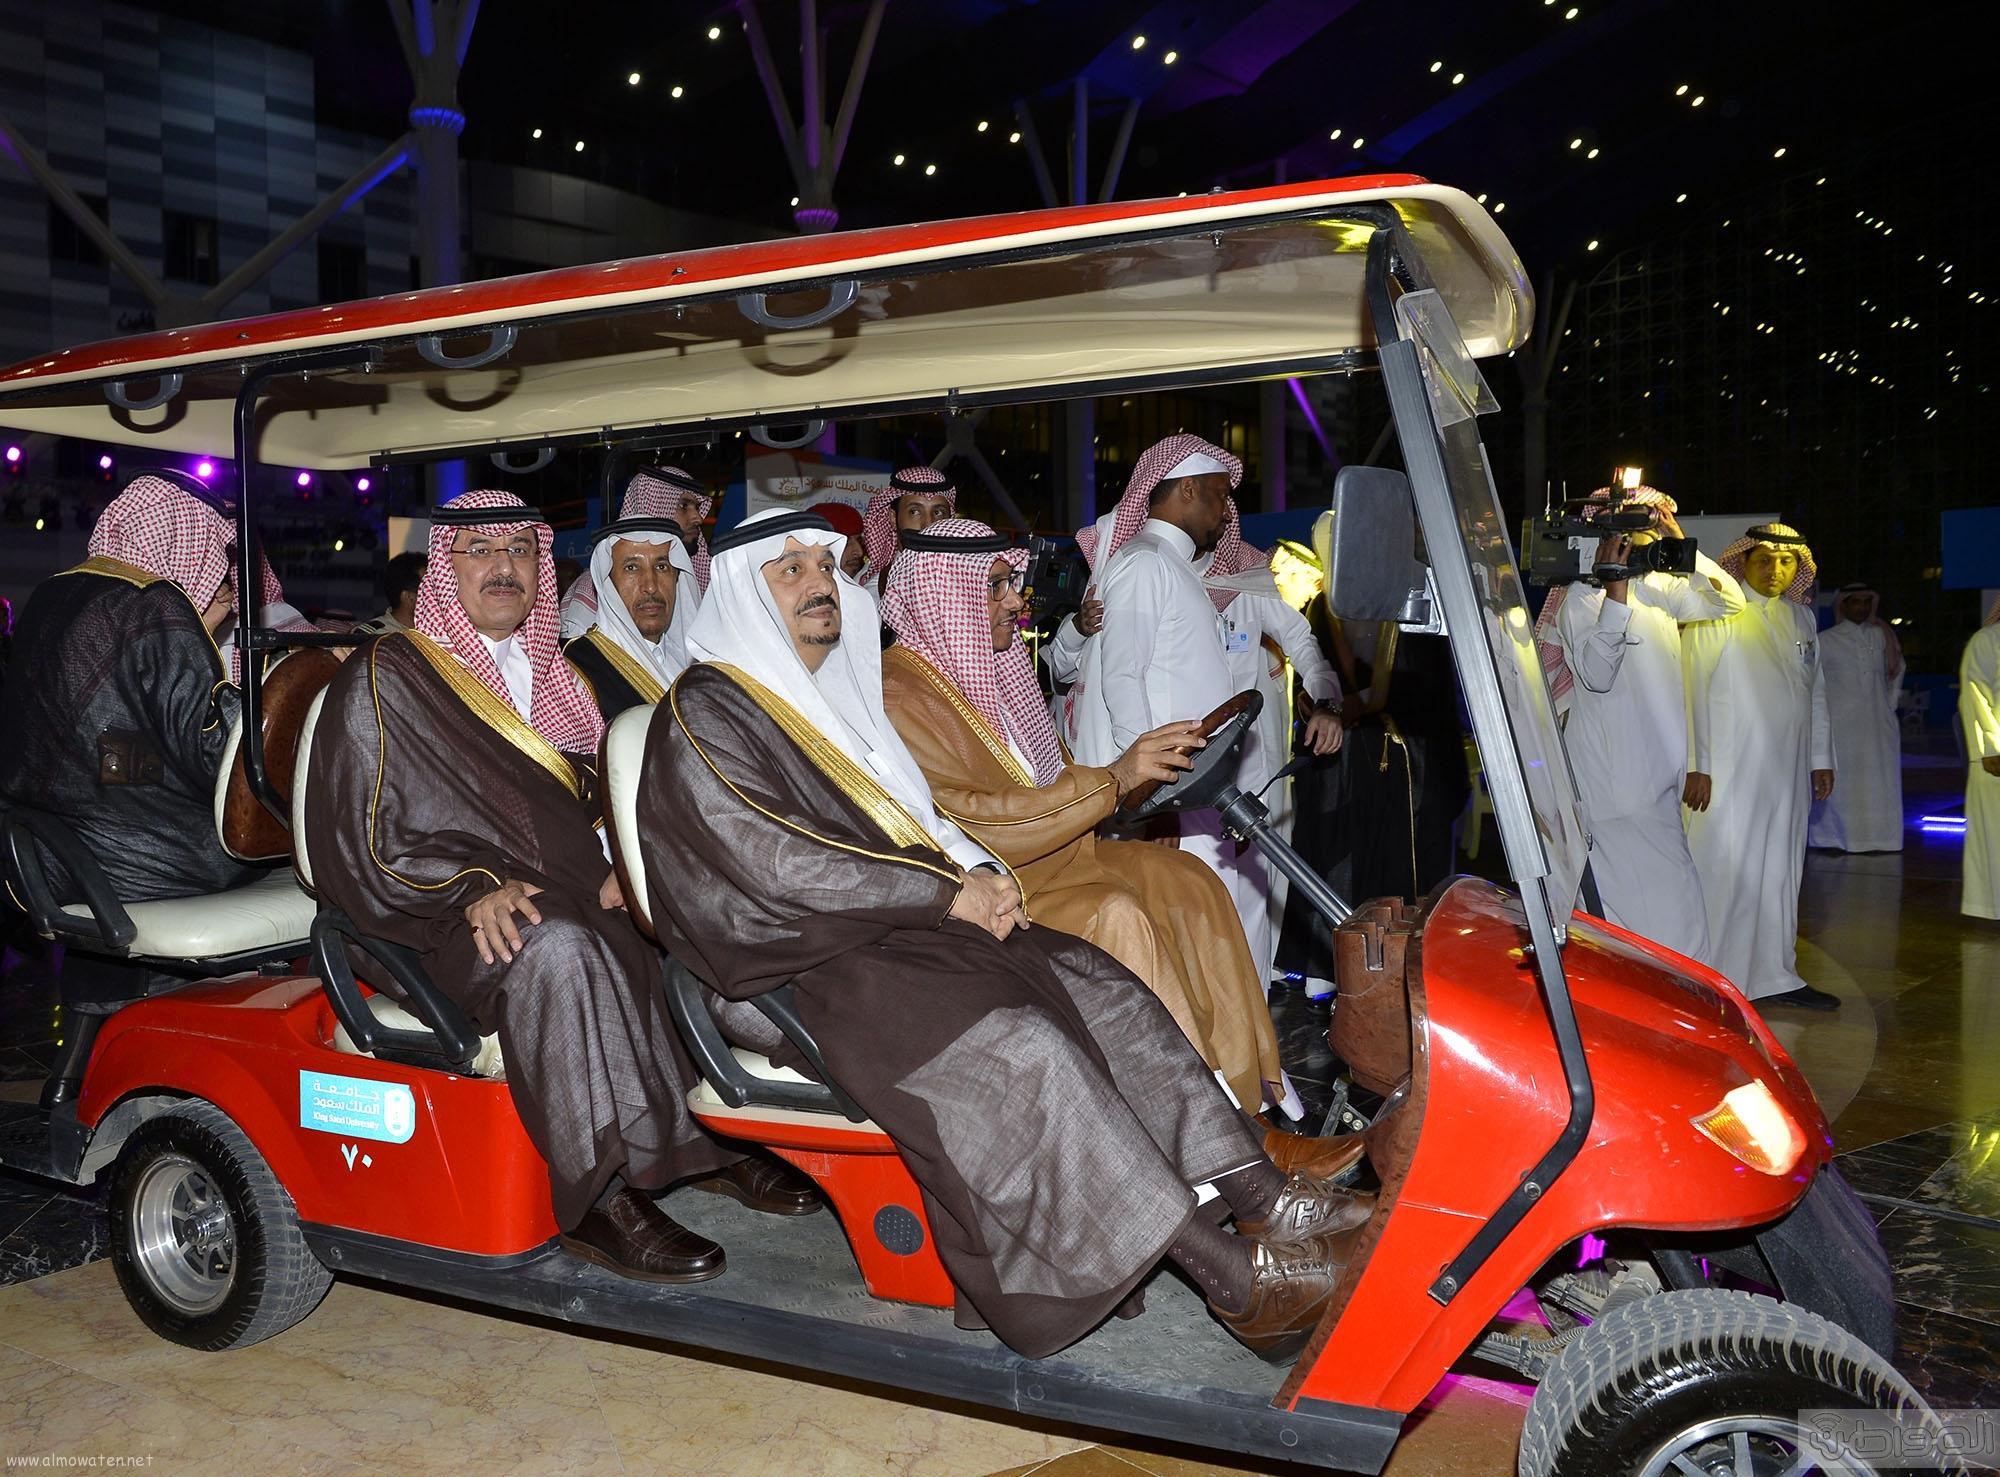 امير الرياض خلال رعاية طموح ملك لمستقبل وطن (18)